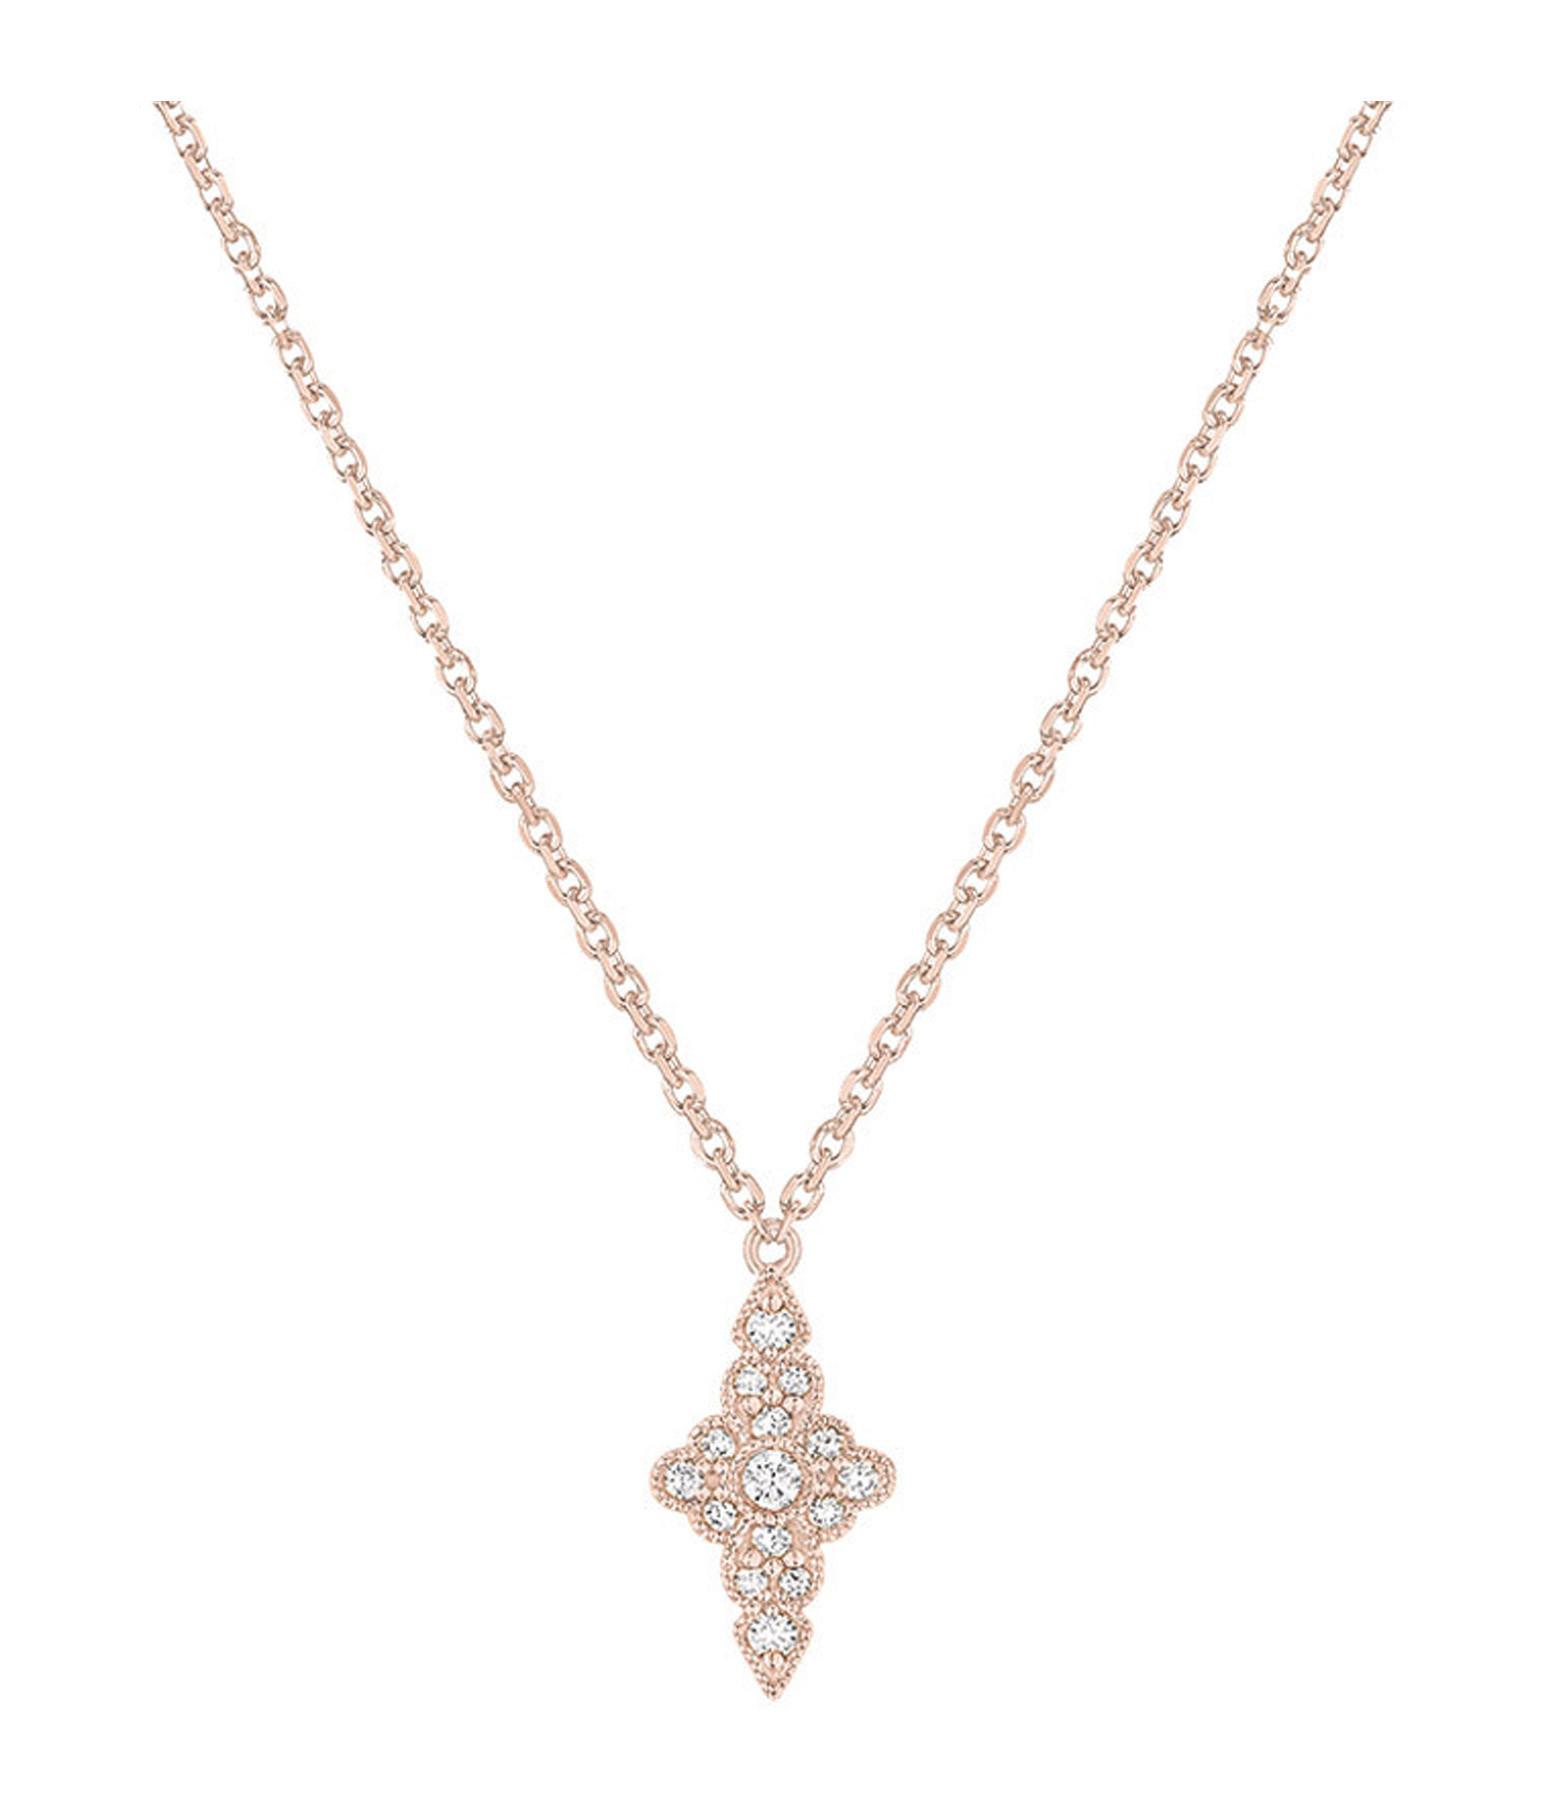 STONE PARIS - Collier Jade Diamants Or Rose